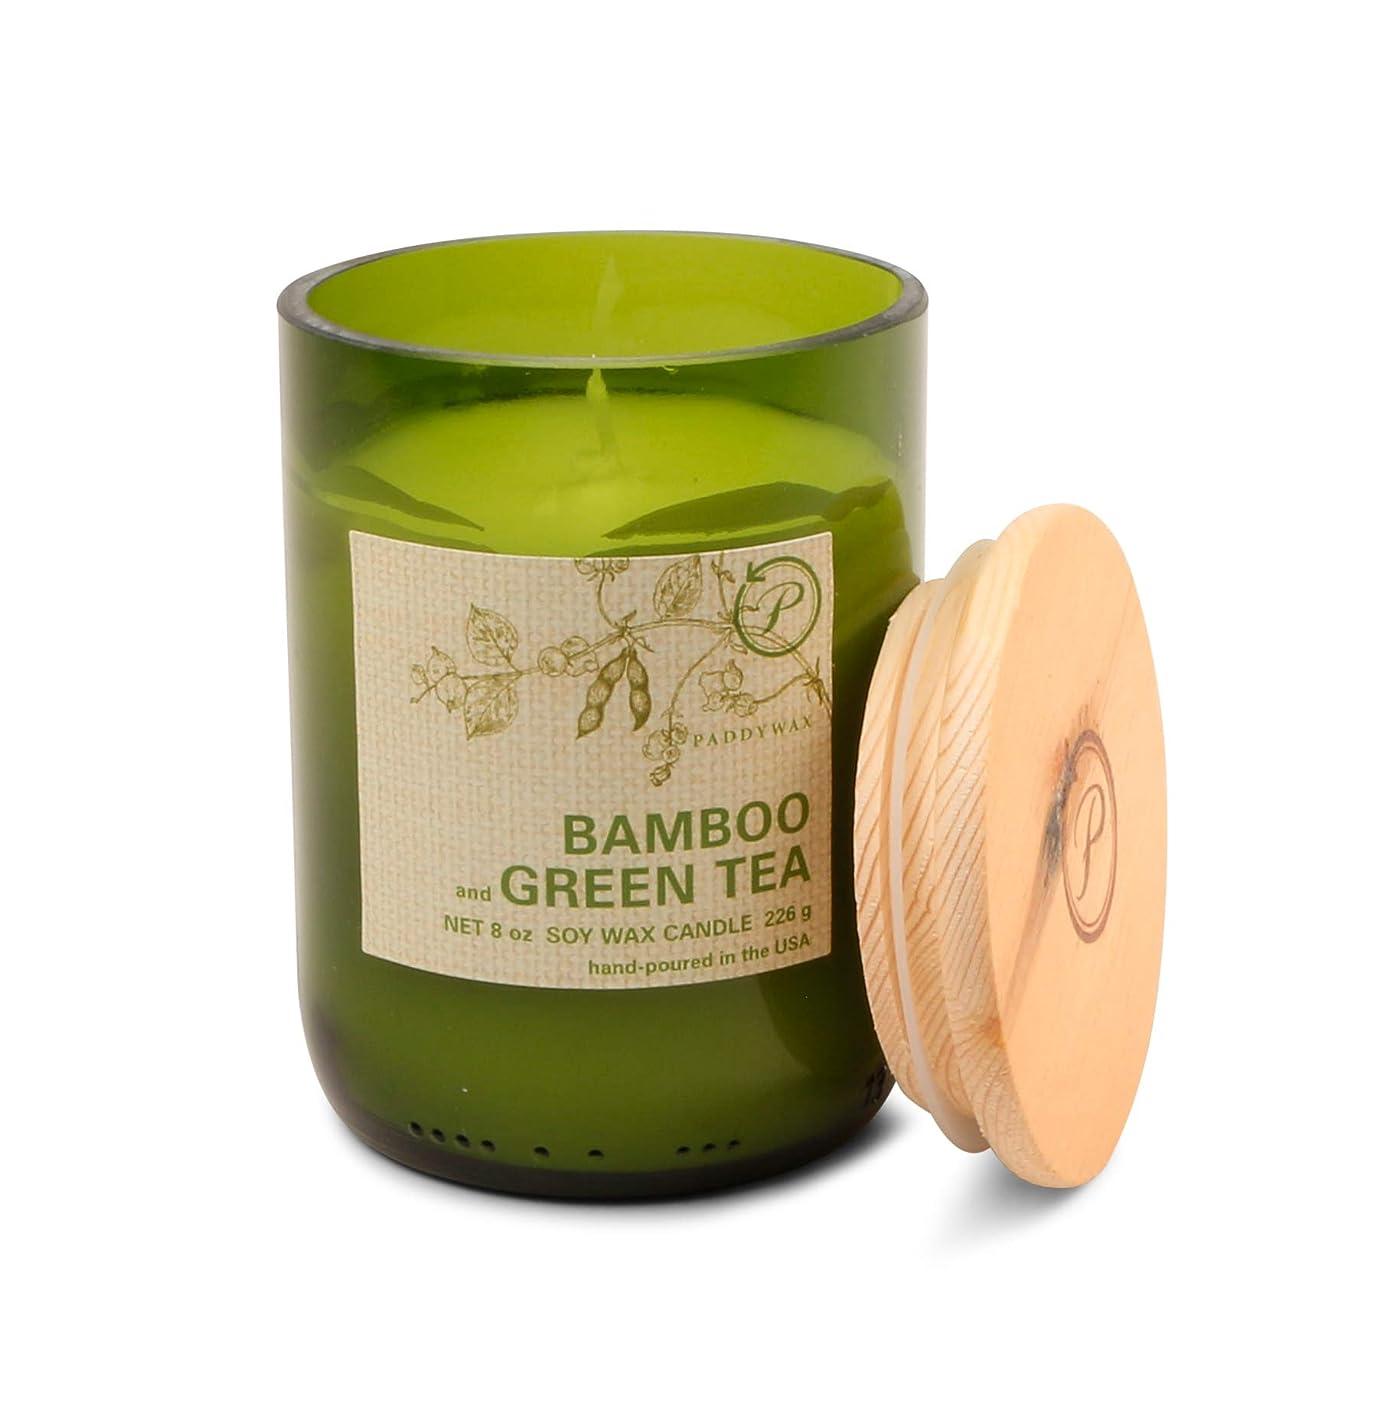 アレンジ松クッションパディワックス(PADDYWAX) エコ?グリーン キャンドル(ECO GREEN Candle) バンブー & グリーンティー(BAMBOO and GREEN TEA)